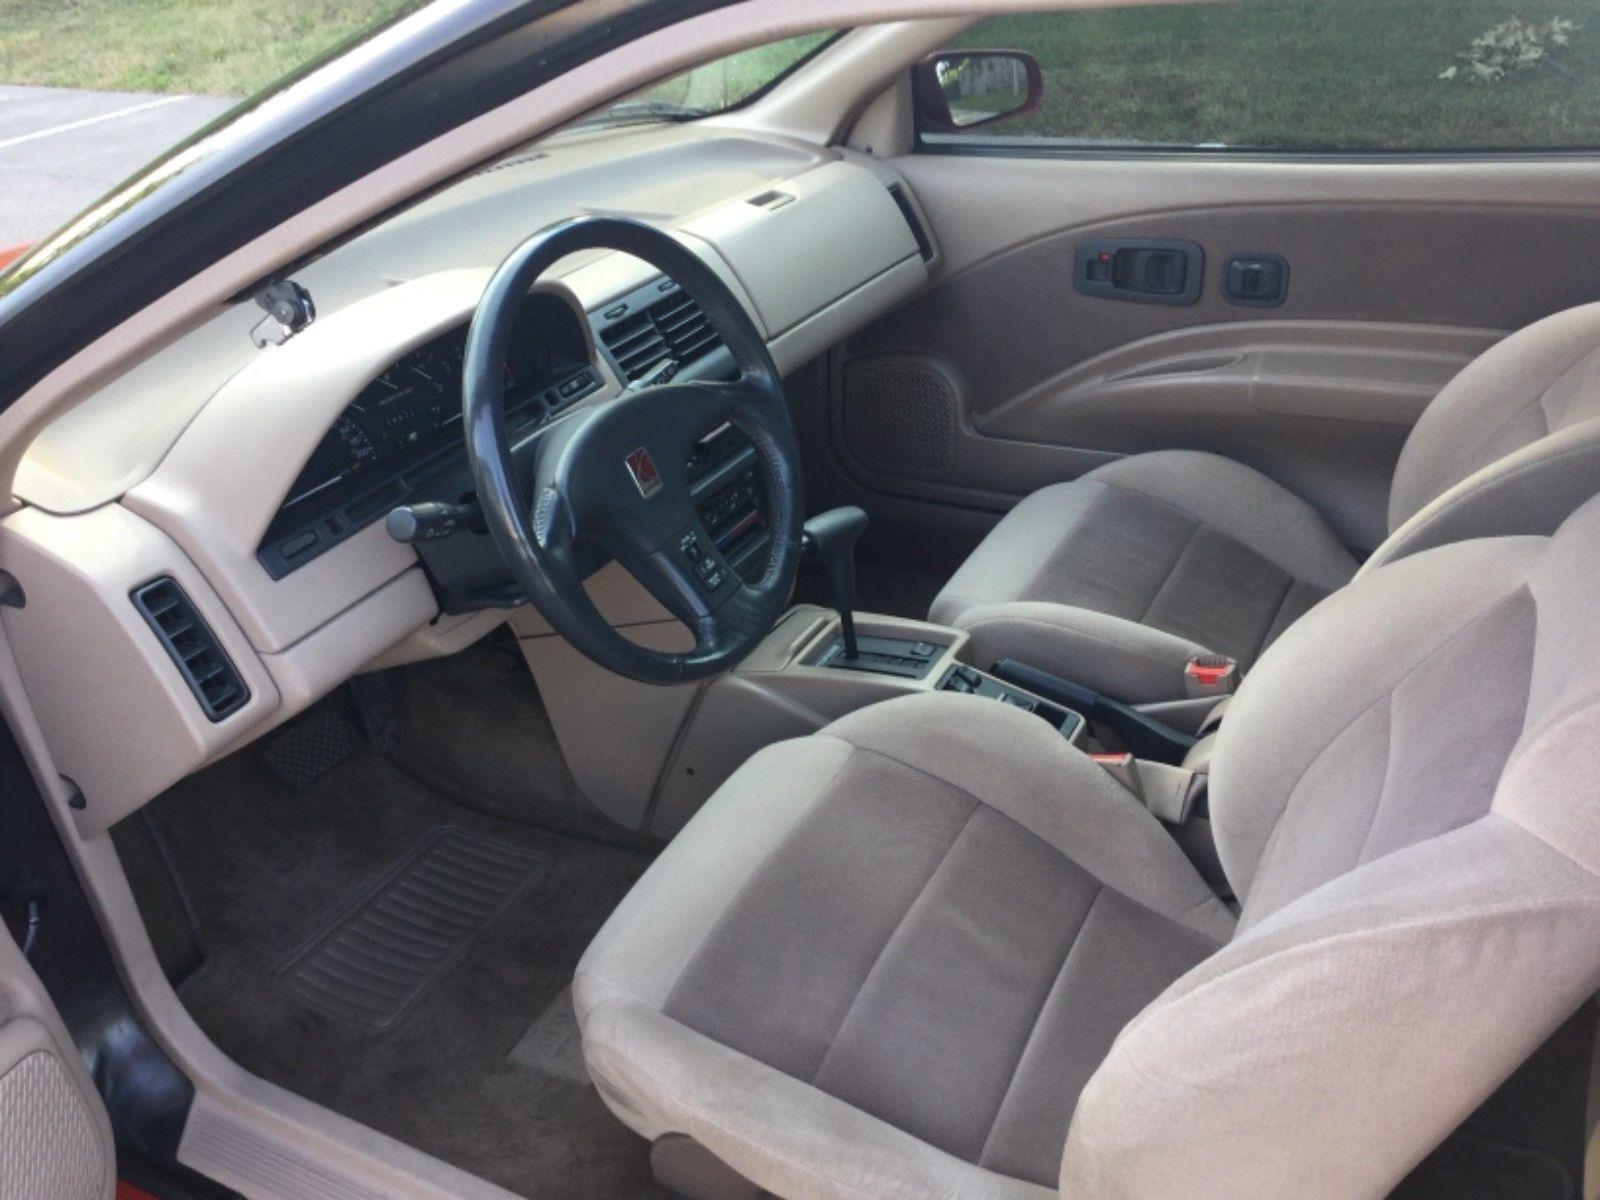 1992 Saturn SC2 interior